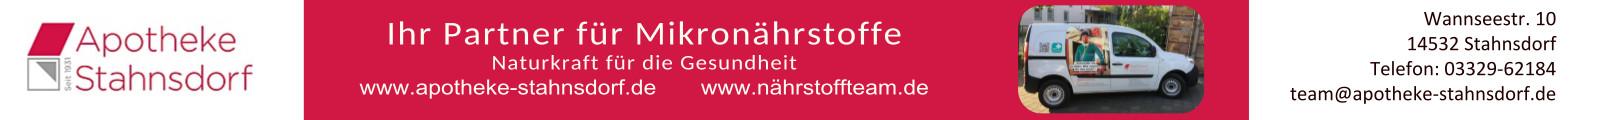 Apotheke Stahnsdorf